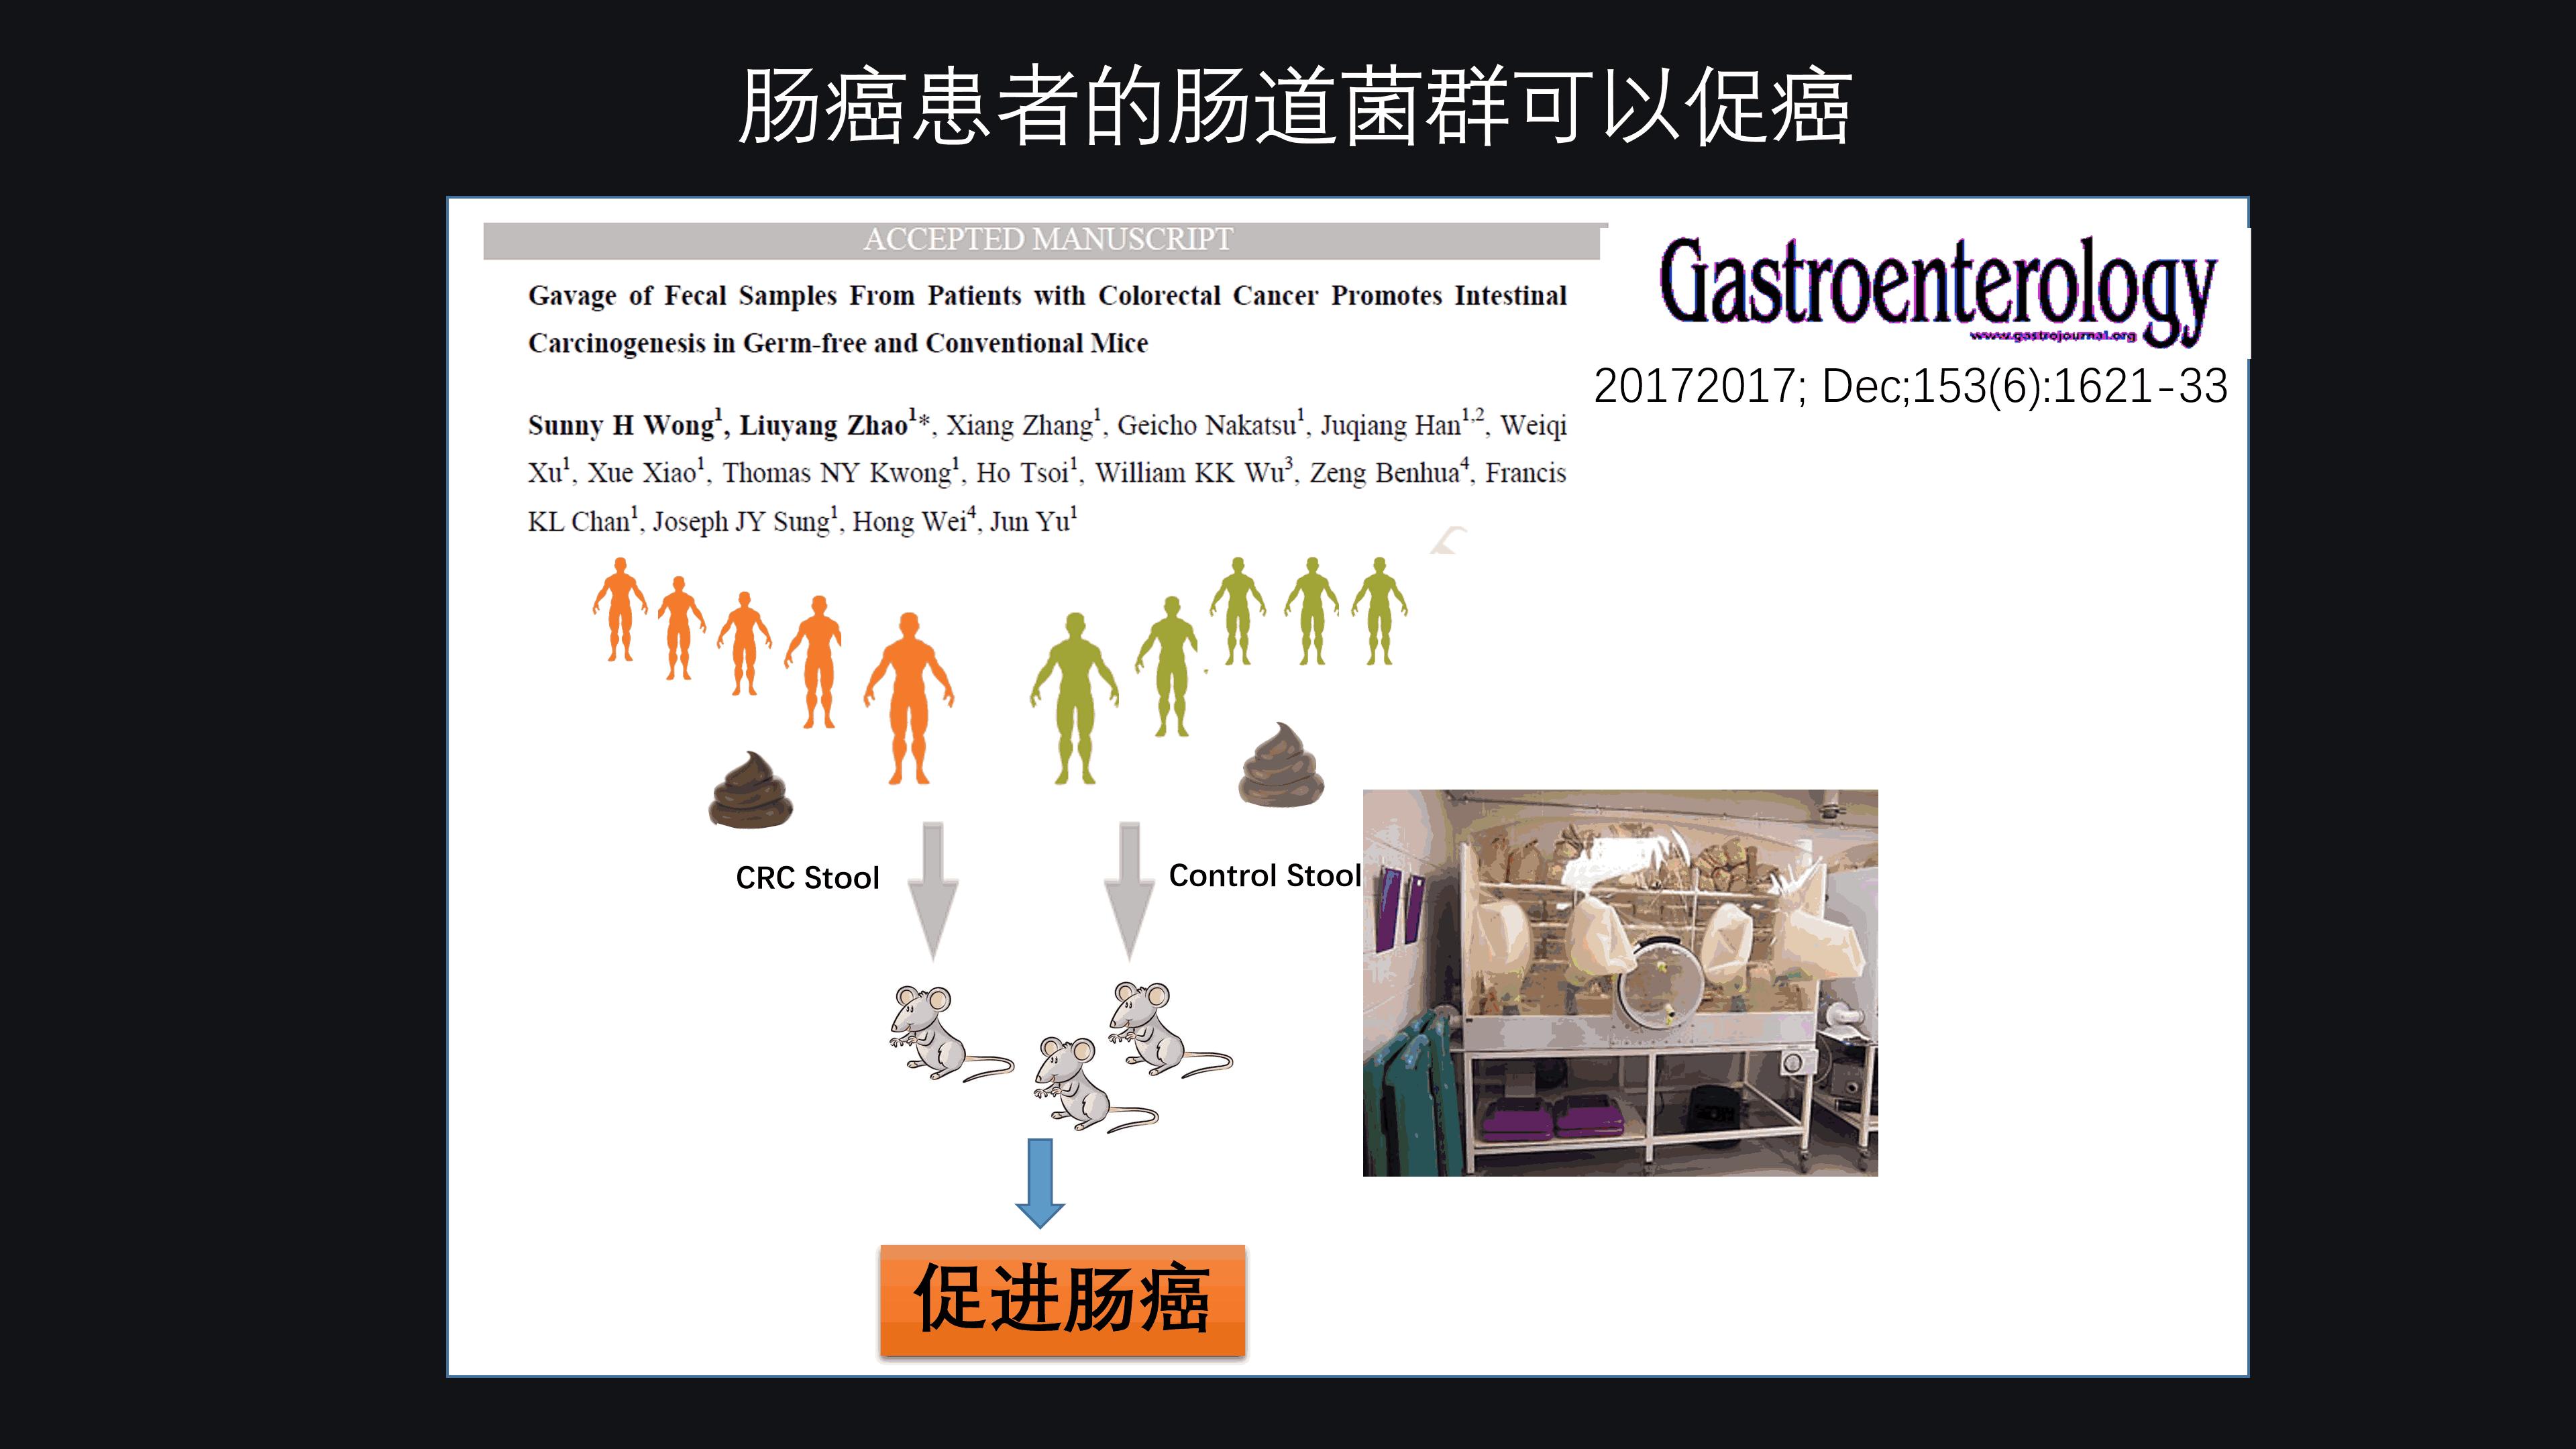 肠道菌群与大肠癌-于君(修改版)-Re3 - 副本_15_ys.png